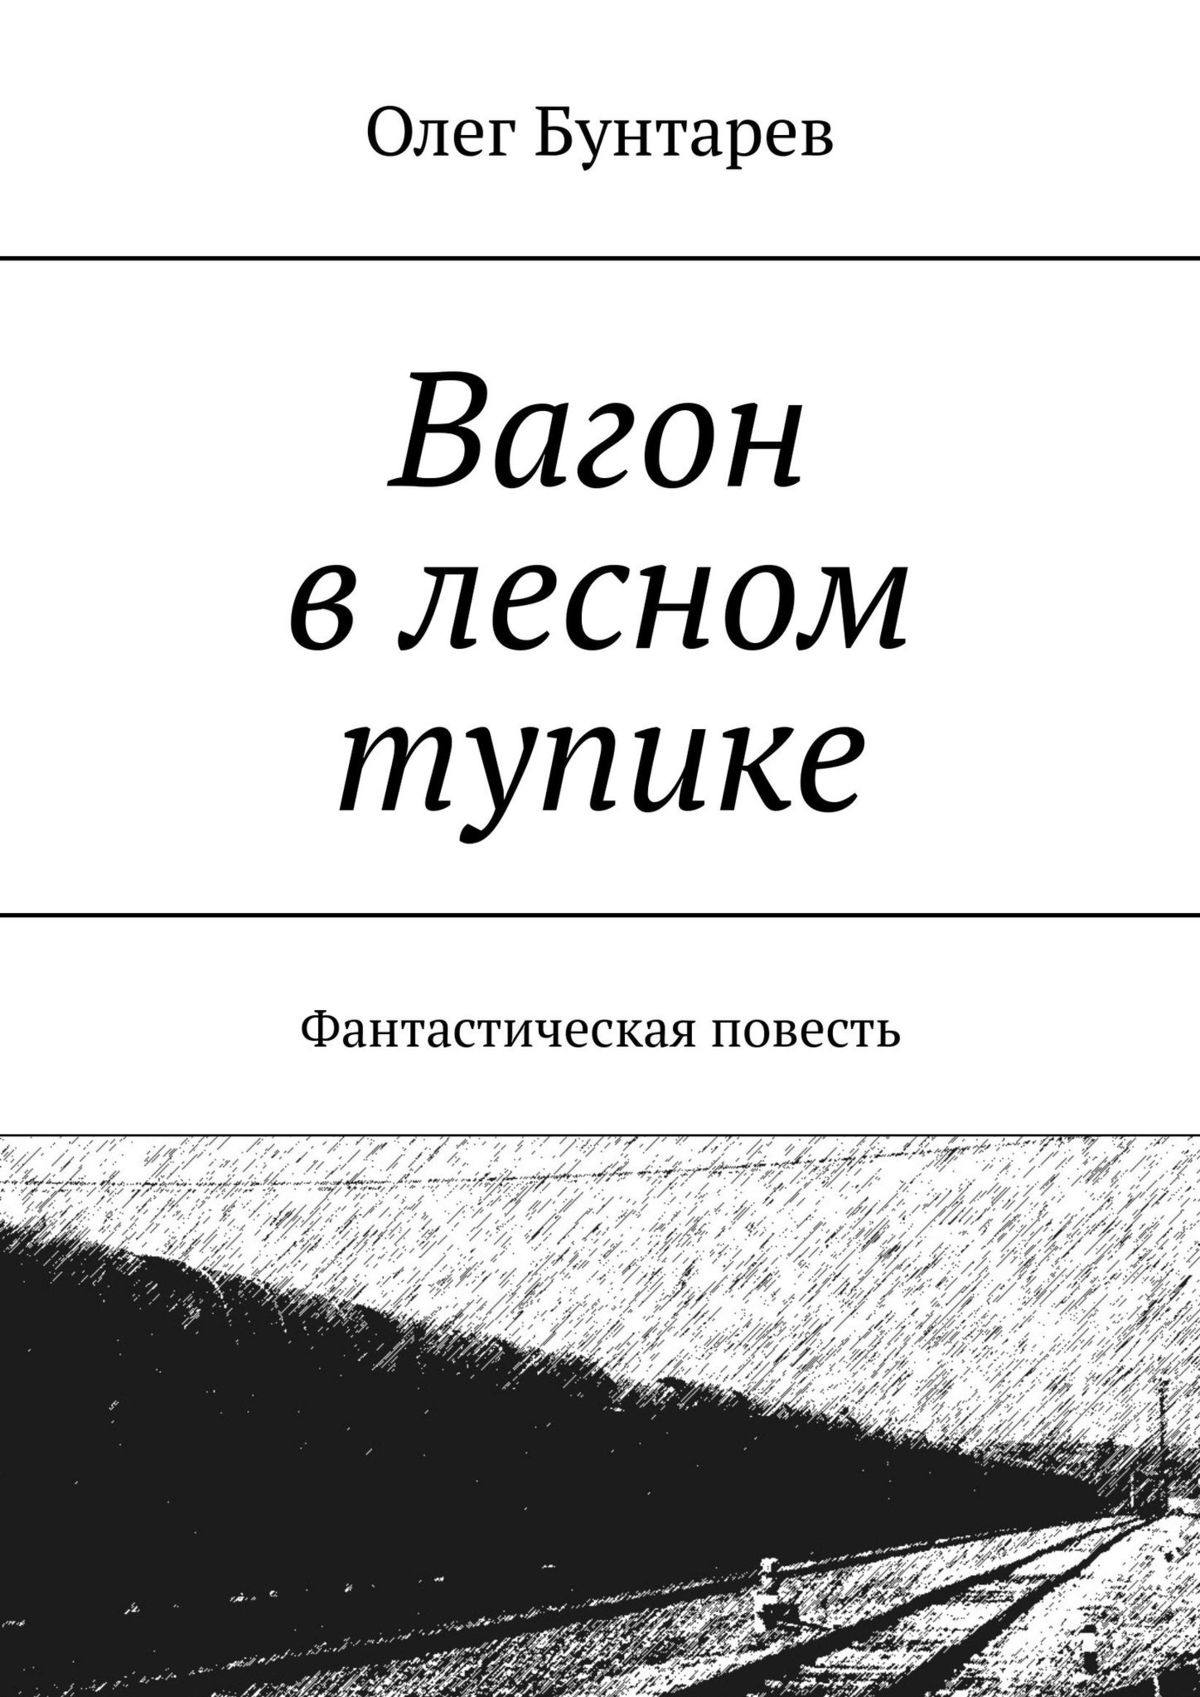 Олег Бунтарев Вагон влесном тупике. Фантастическая повесть татьяна володина так могло быть